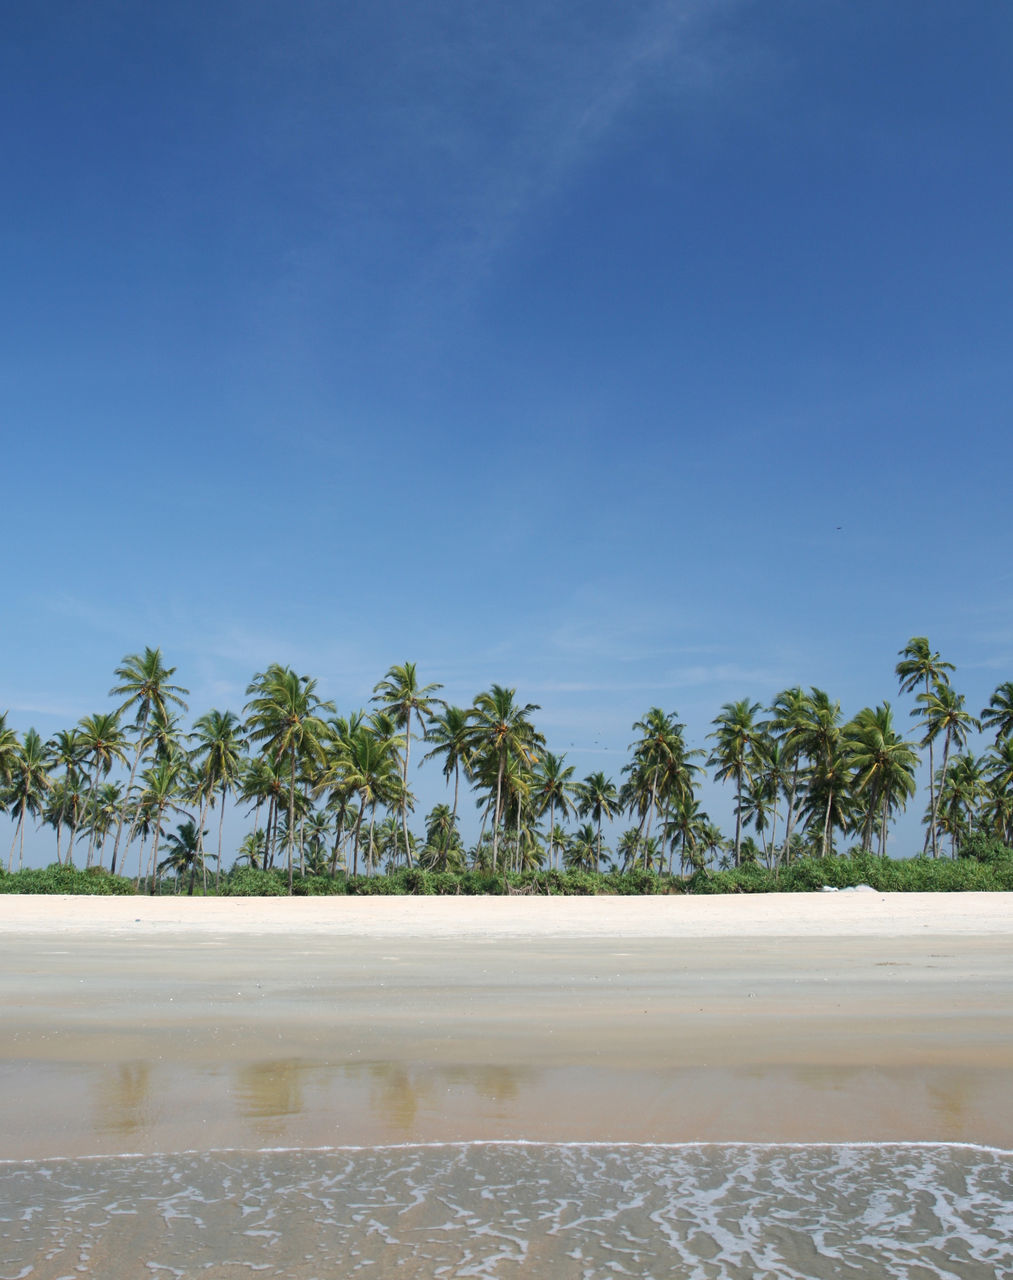 Palm Trees On Beach Against Blue Sky